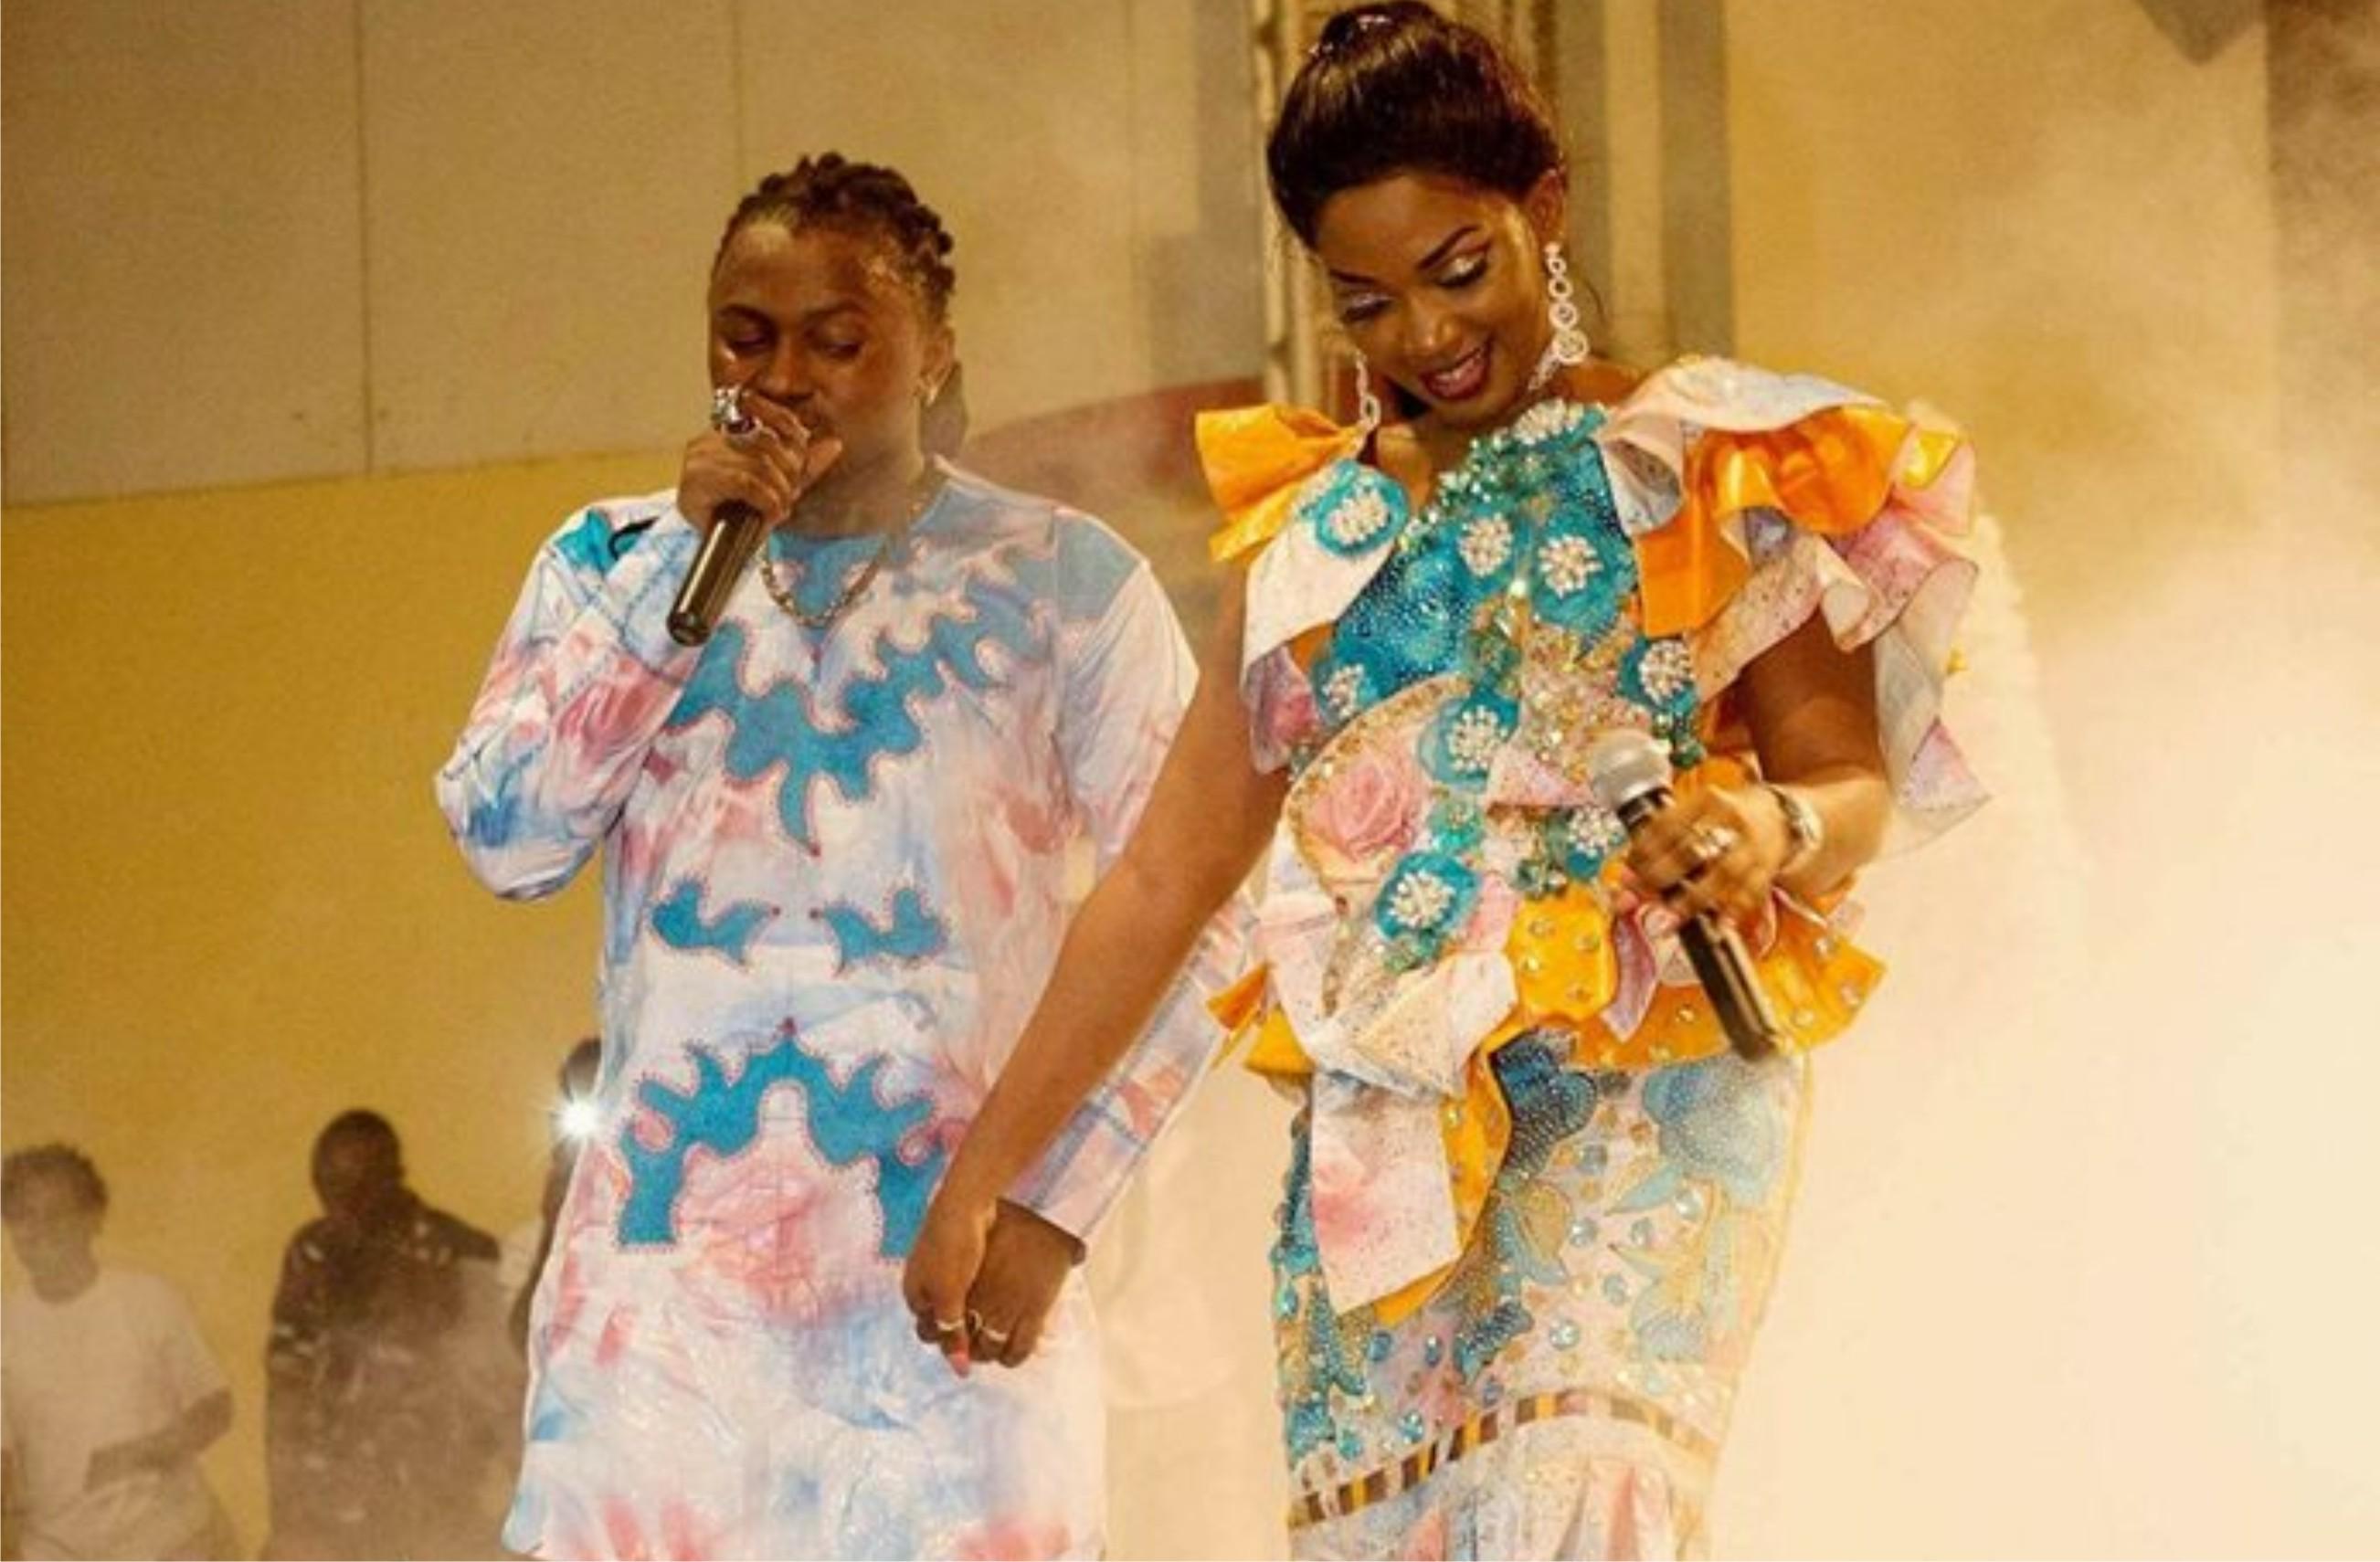 [VIDEO] Azaya & DjeliKaba Bintou s'affolent à nouveau sur scène!